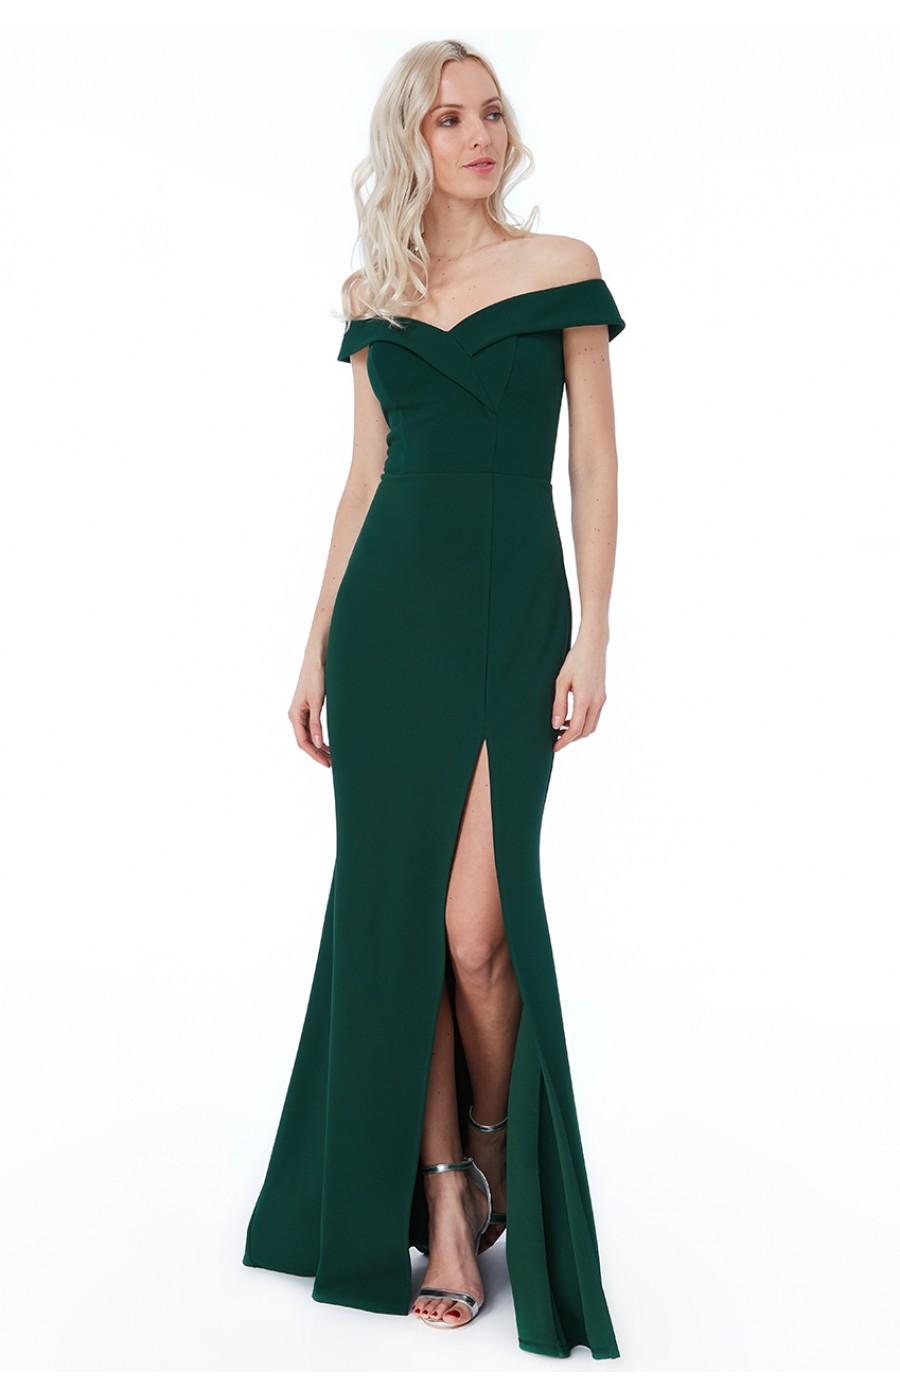 Σμαράγδι μακρύ φόρεμα με ριχτούς ώμους και σκίσιμο μπροστά